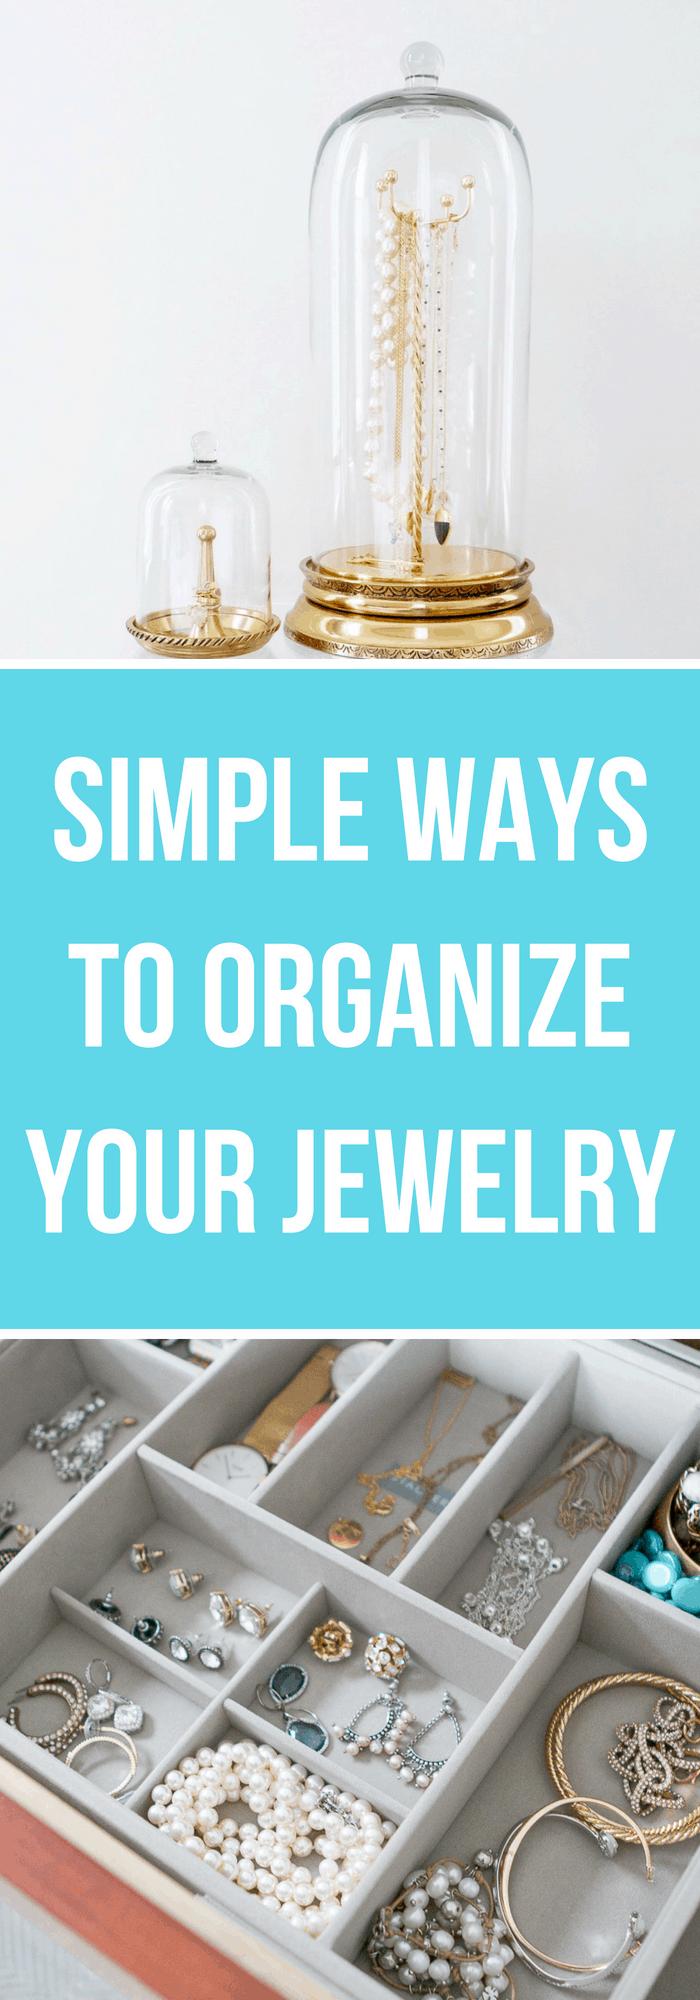 Organization--Simple Ways to Organize Your Jewelry--The Organized Mom